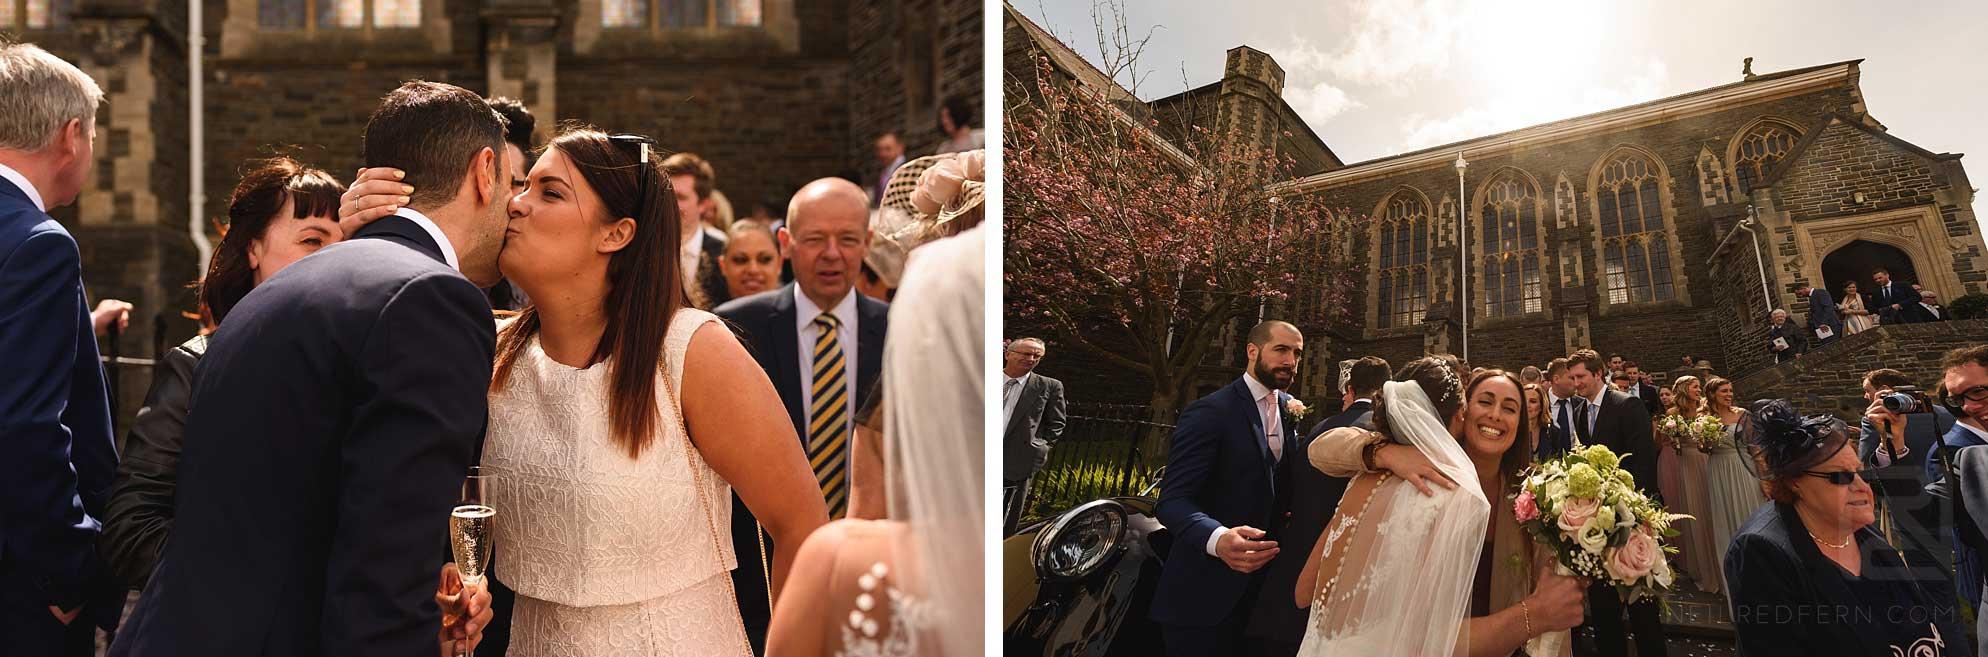 Nanteos-Mansion-wedding-photographs-30